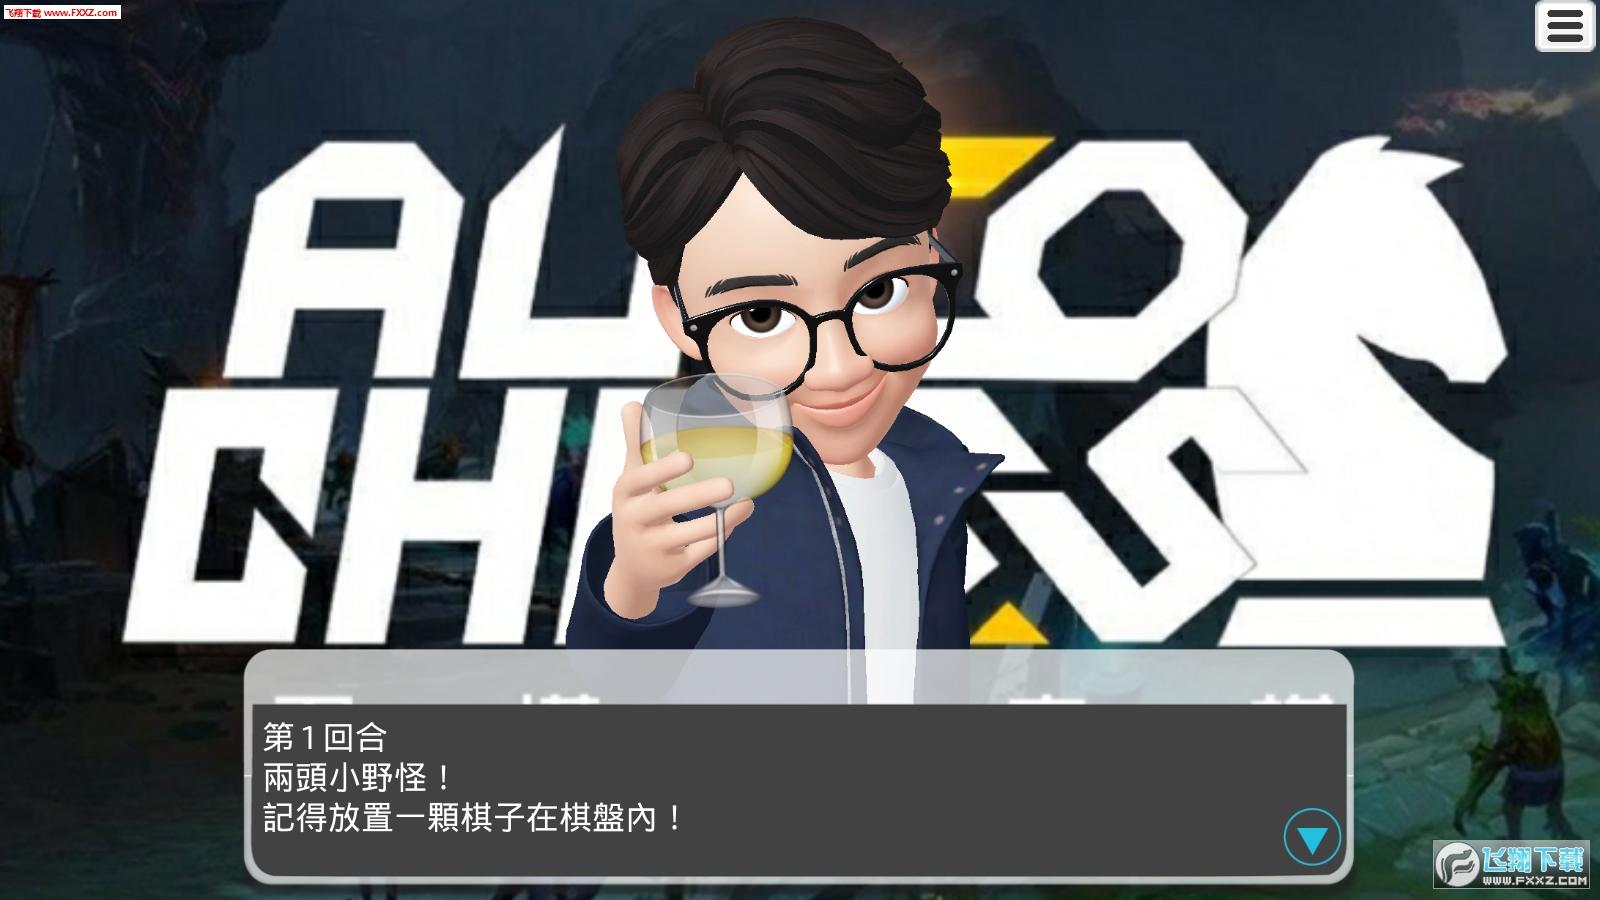 刀塔自走棋助手免费appv6.0截图1